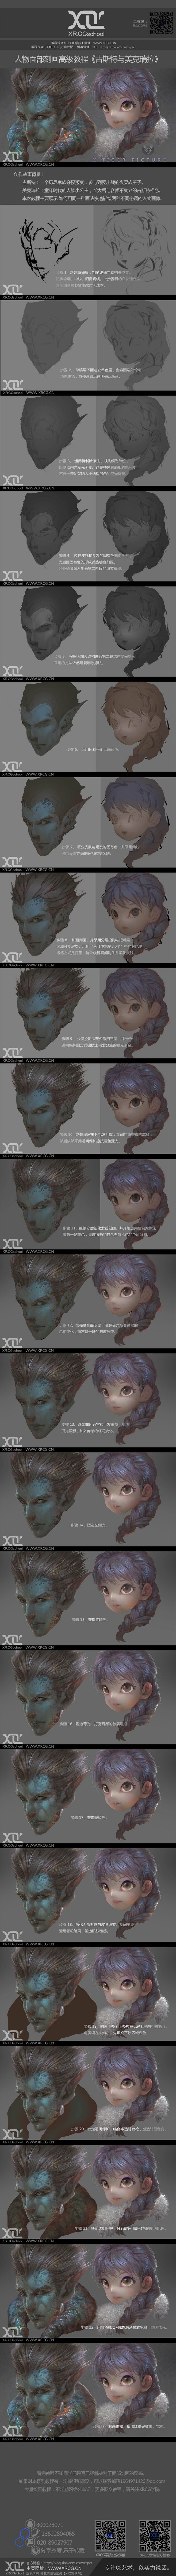 【XRCG学院】人物面部刻画高级教程—肖...